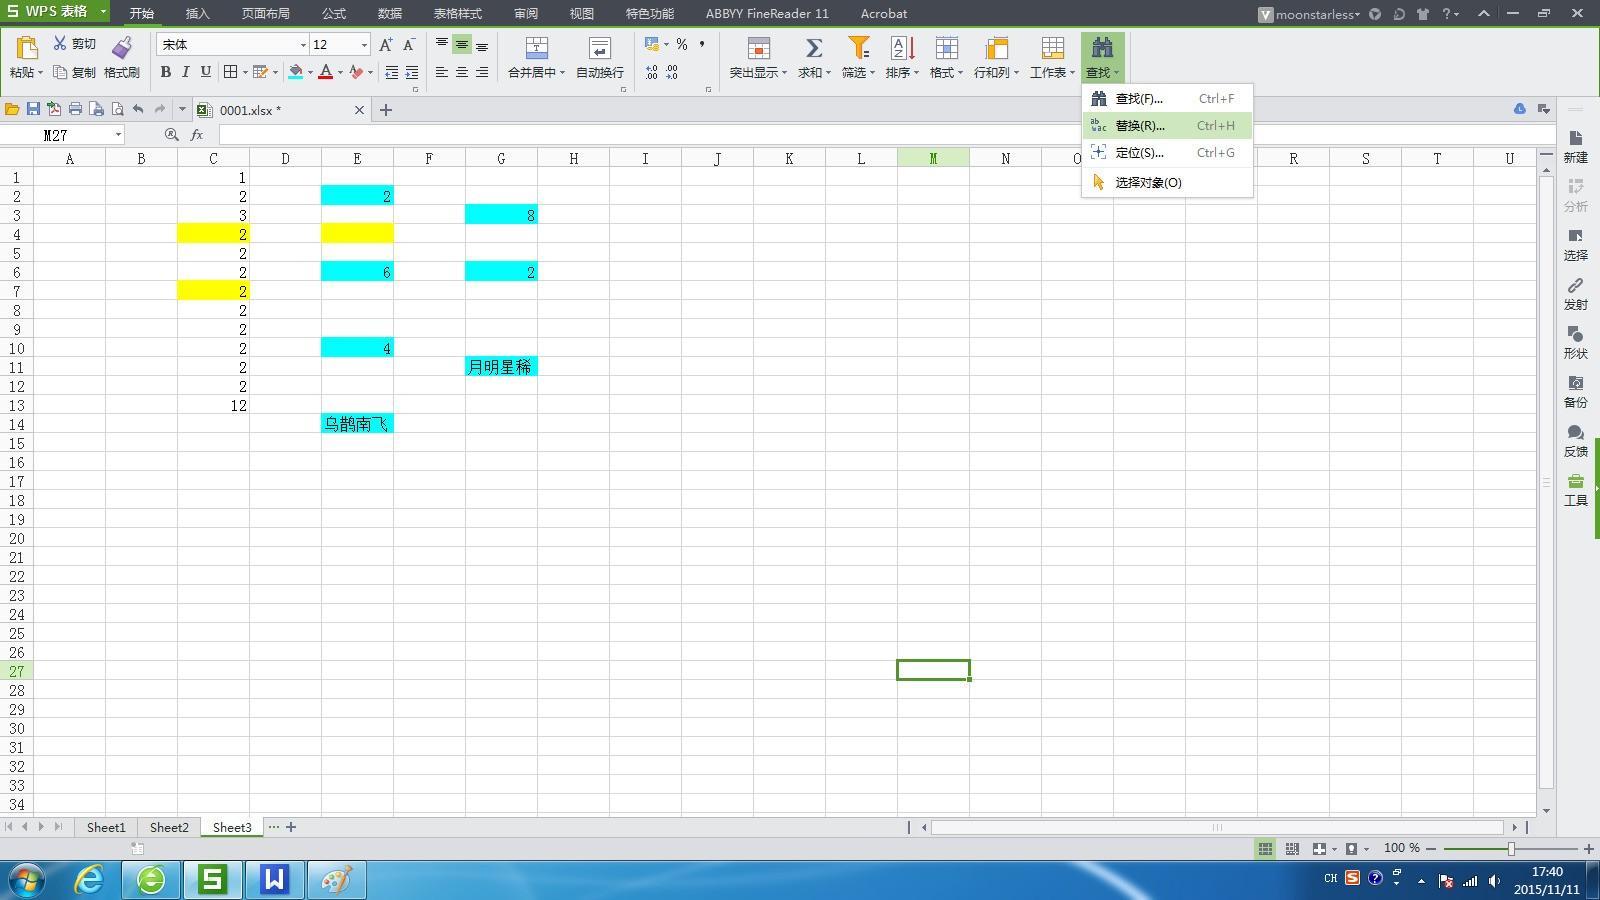 WPS表格中怎么统计相同颜色的单元格个数?